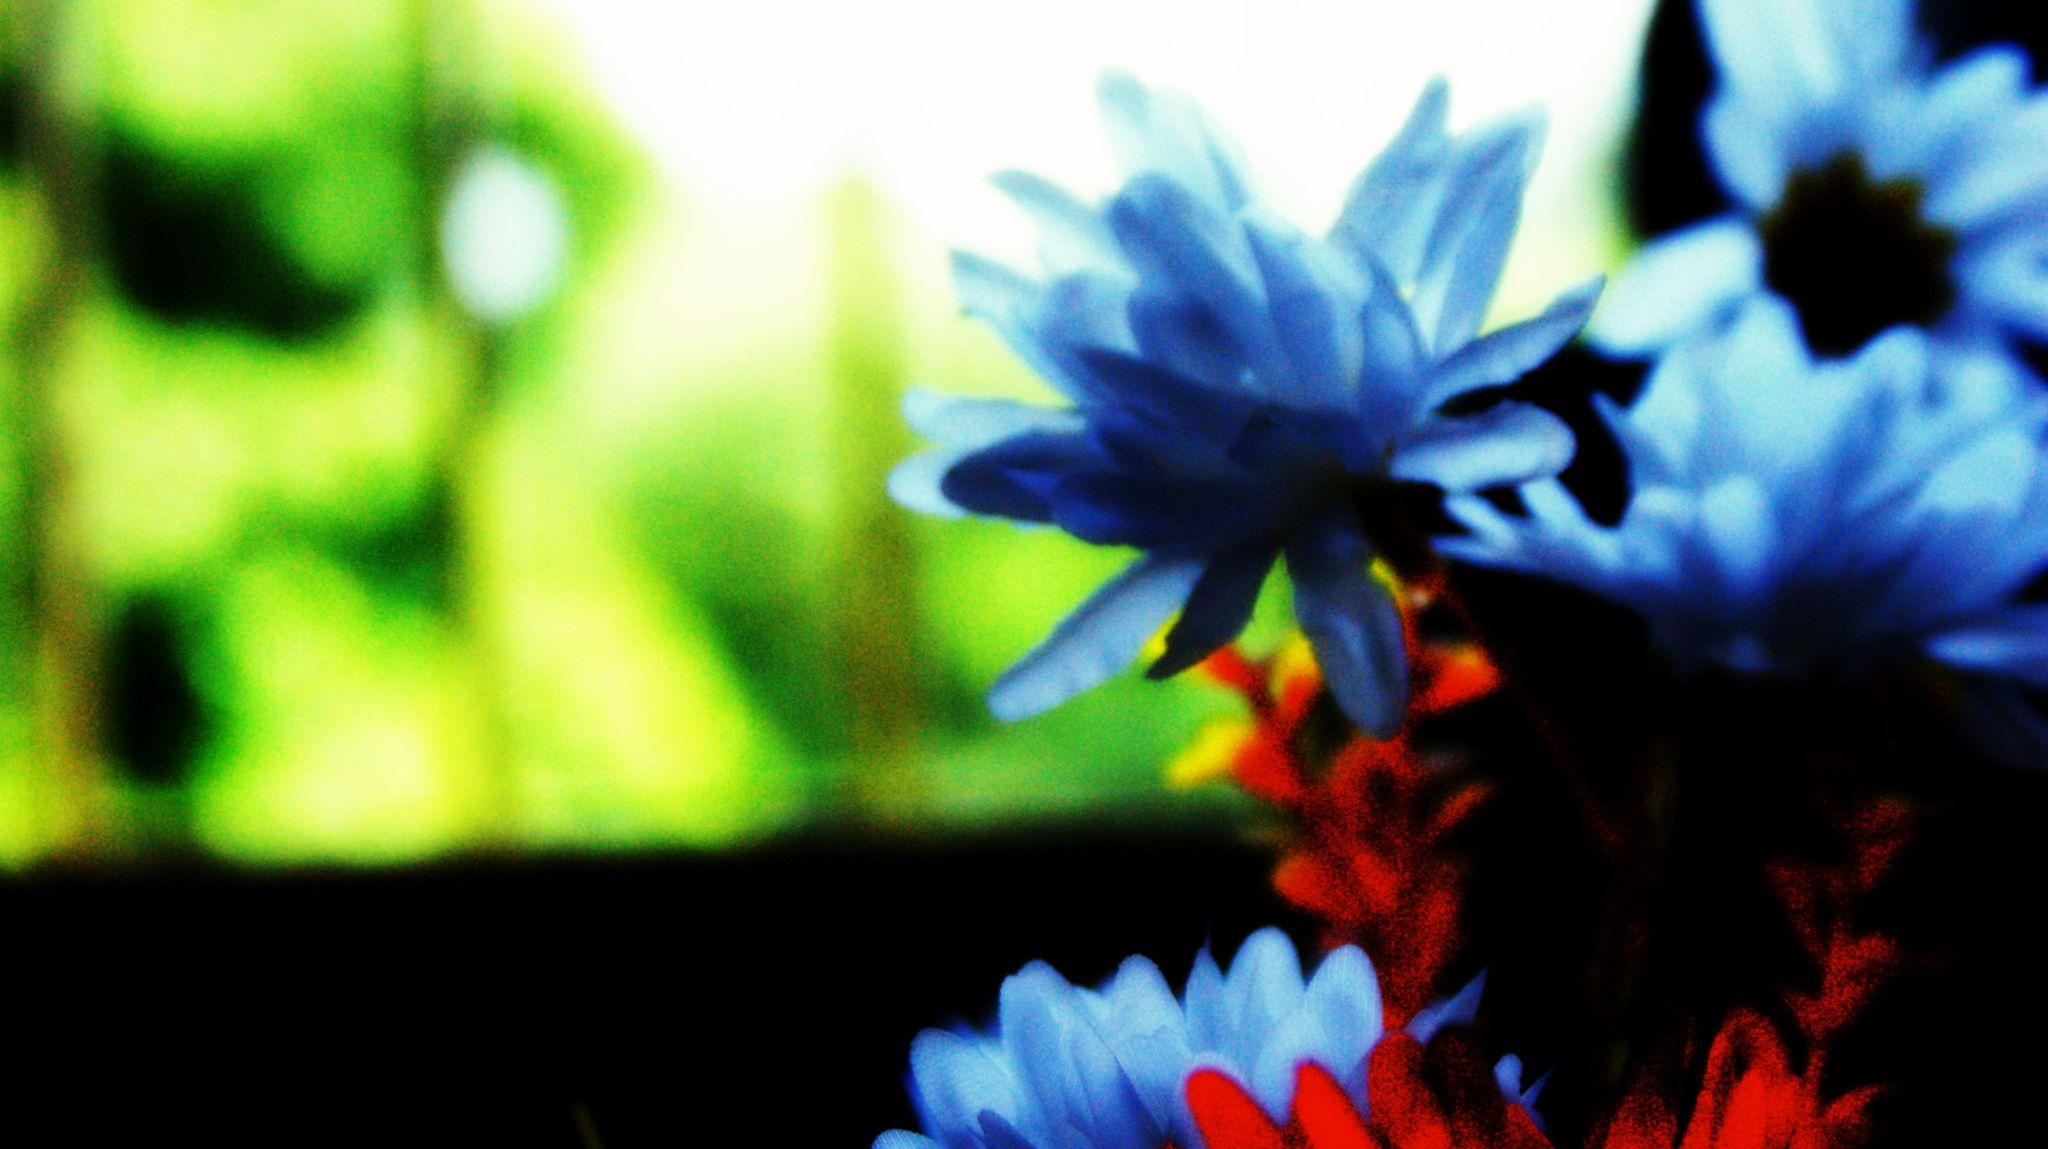 Bloom by pavan.prnc